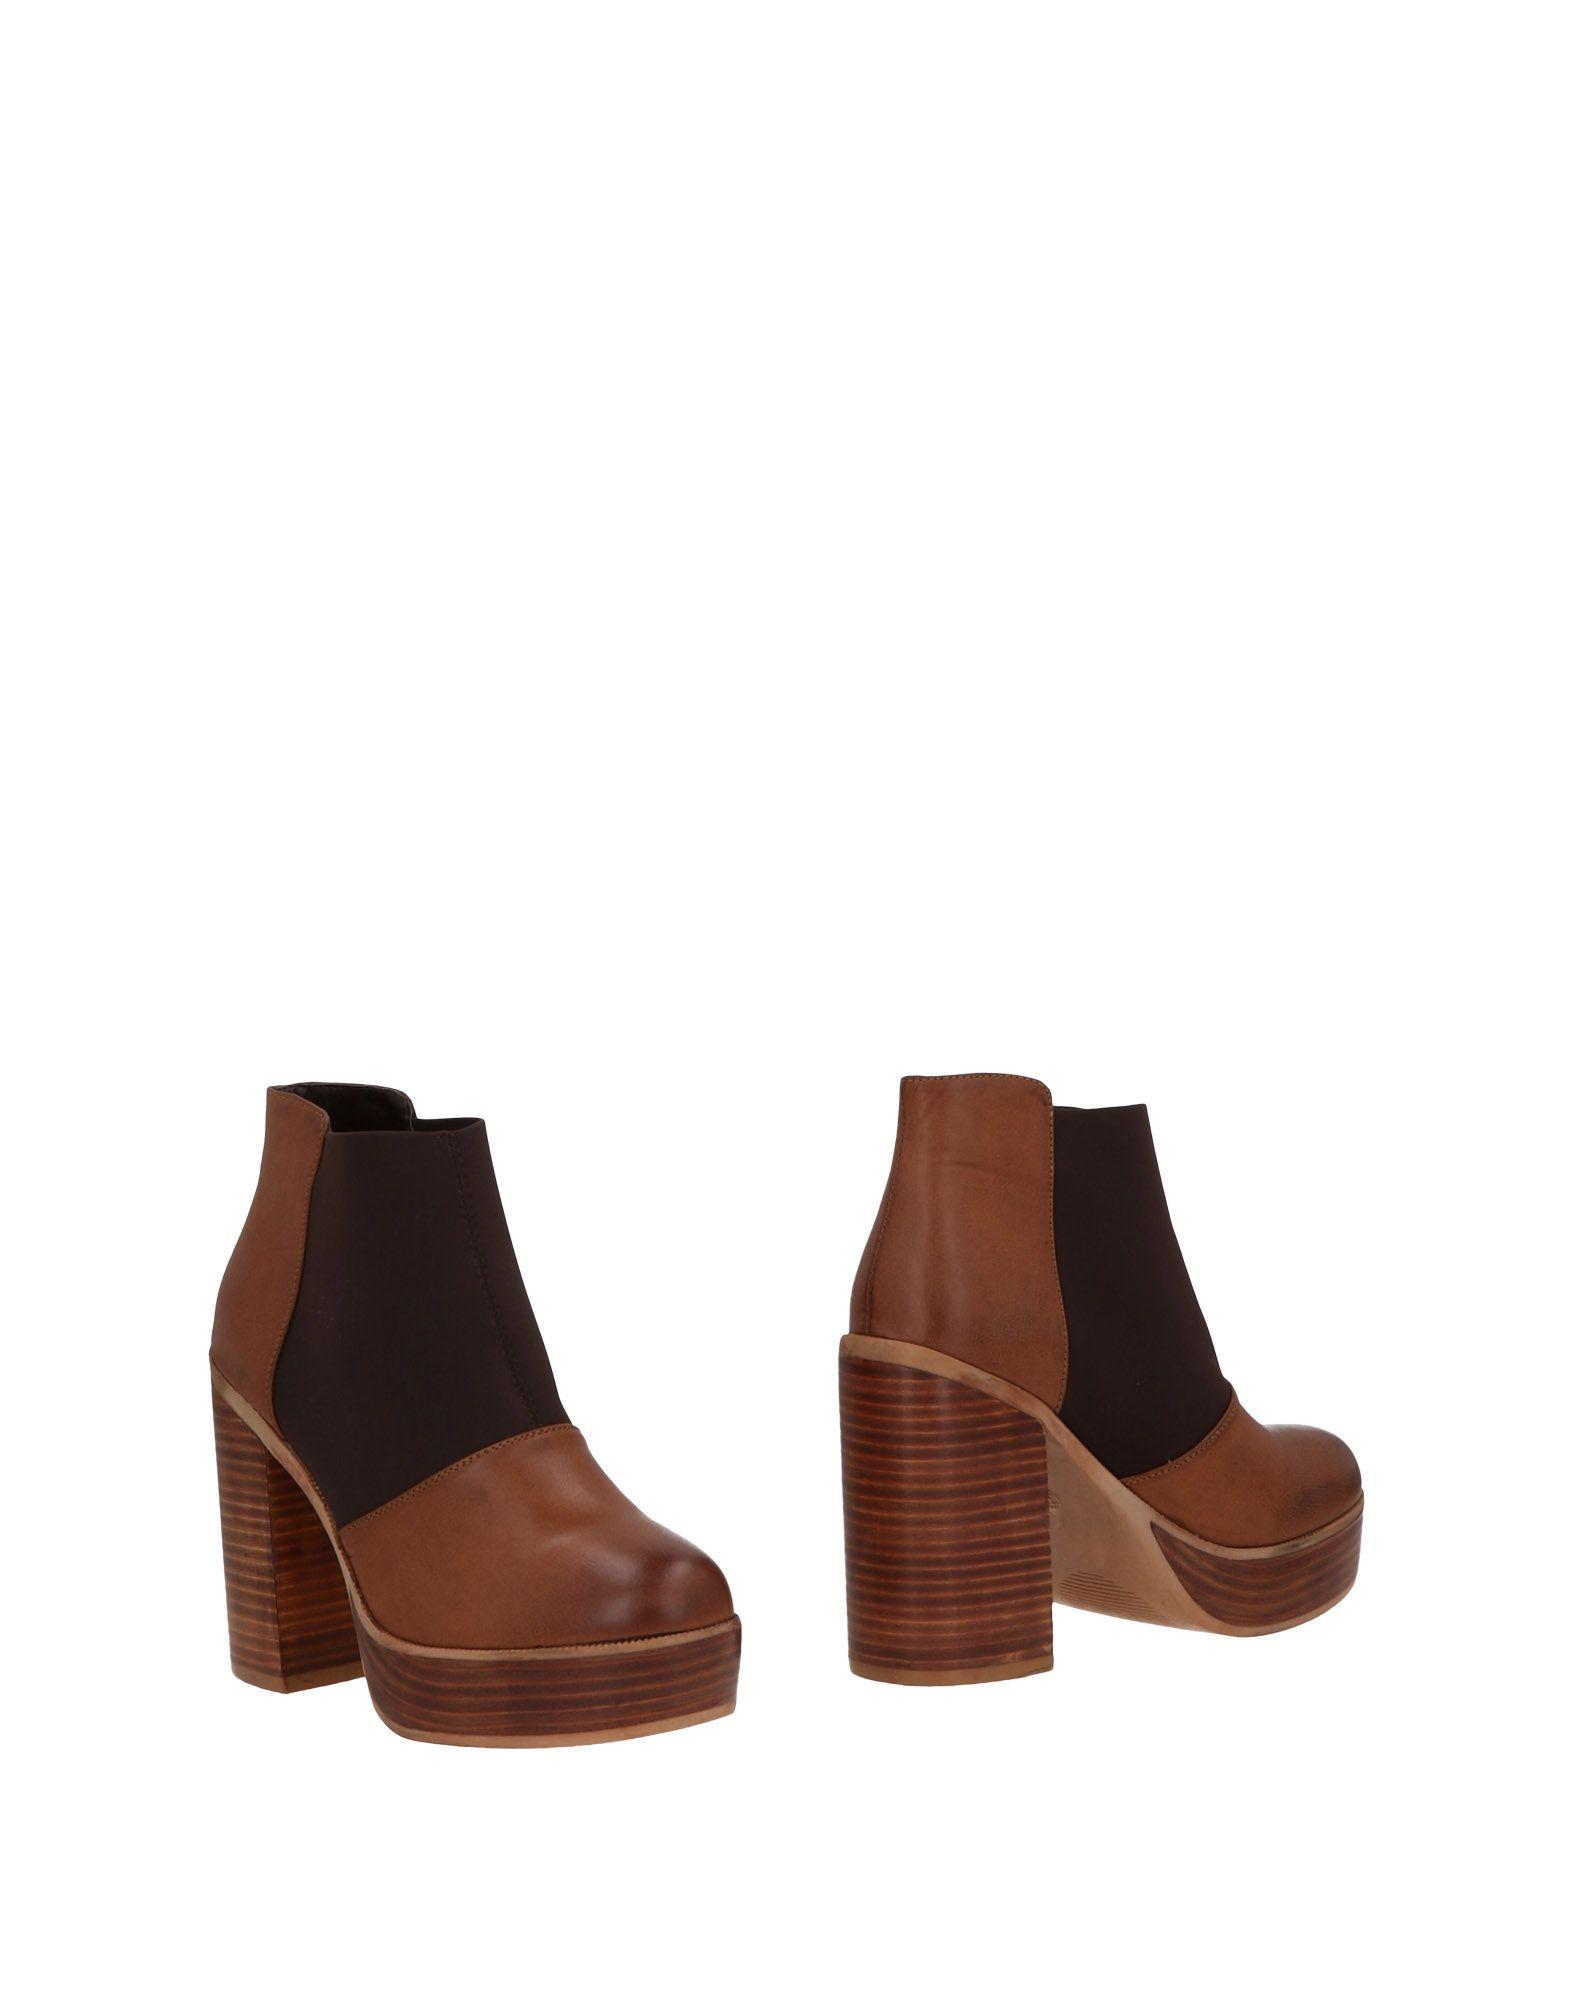 Police 883 Stiefelette Damen  11478854UK Gute Qualität beliebte Schuhe